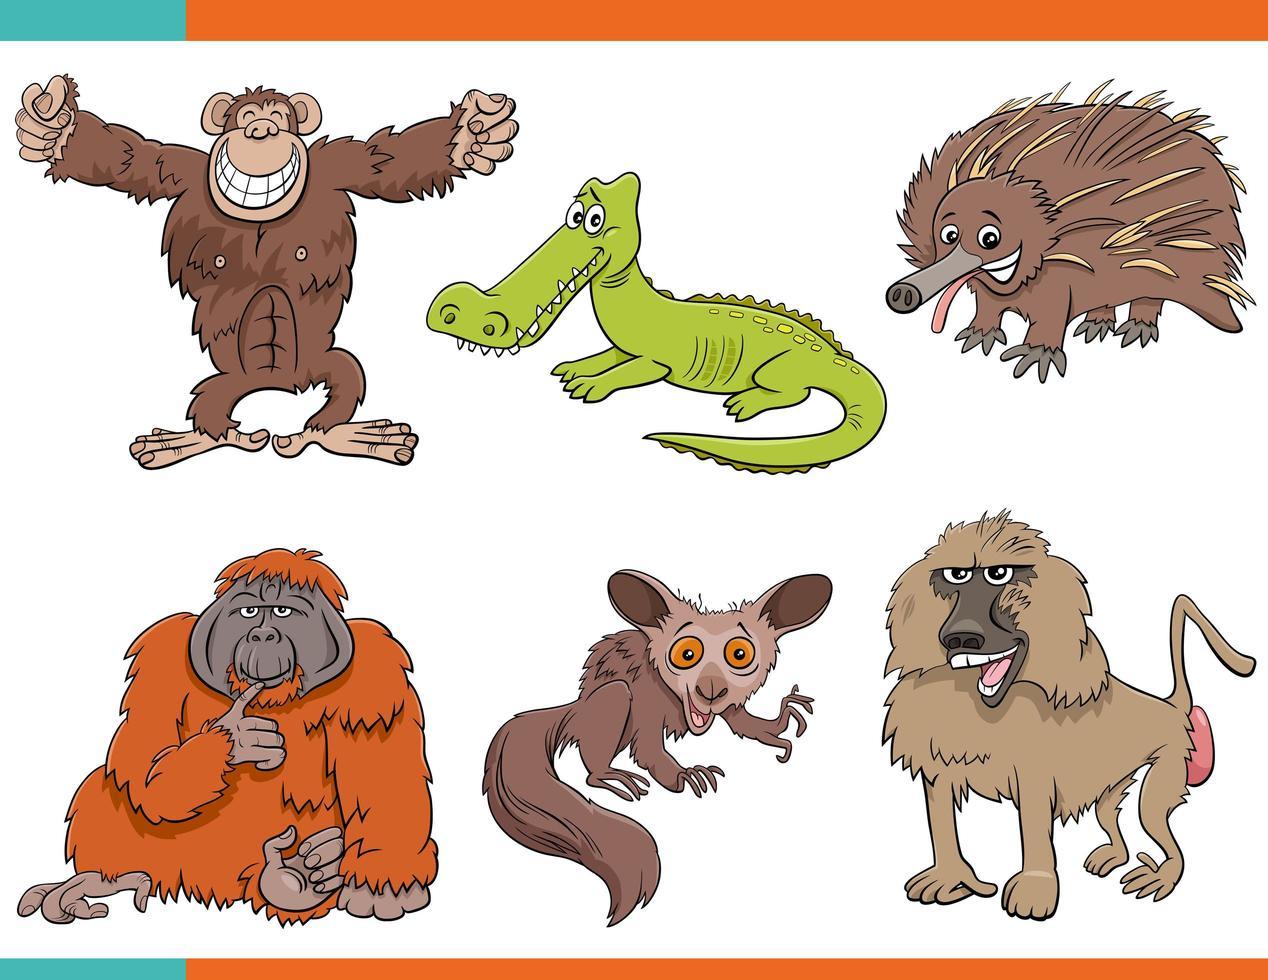 conjunto de personagens de desenhos animados engraçados animais selvagens vetor